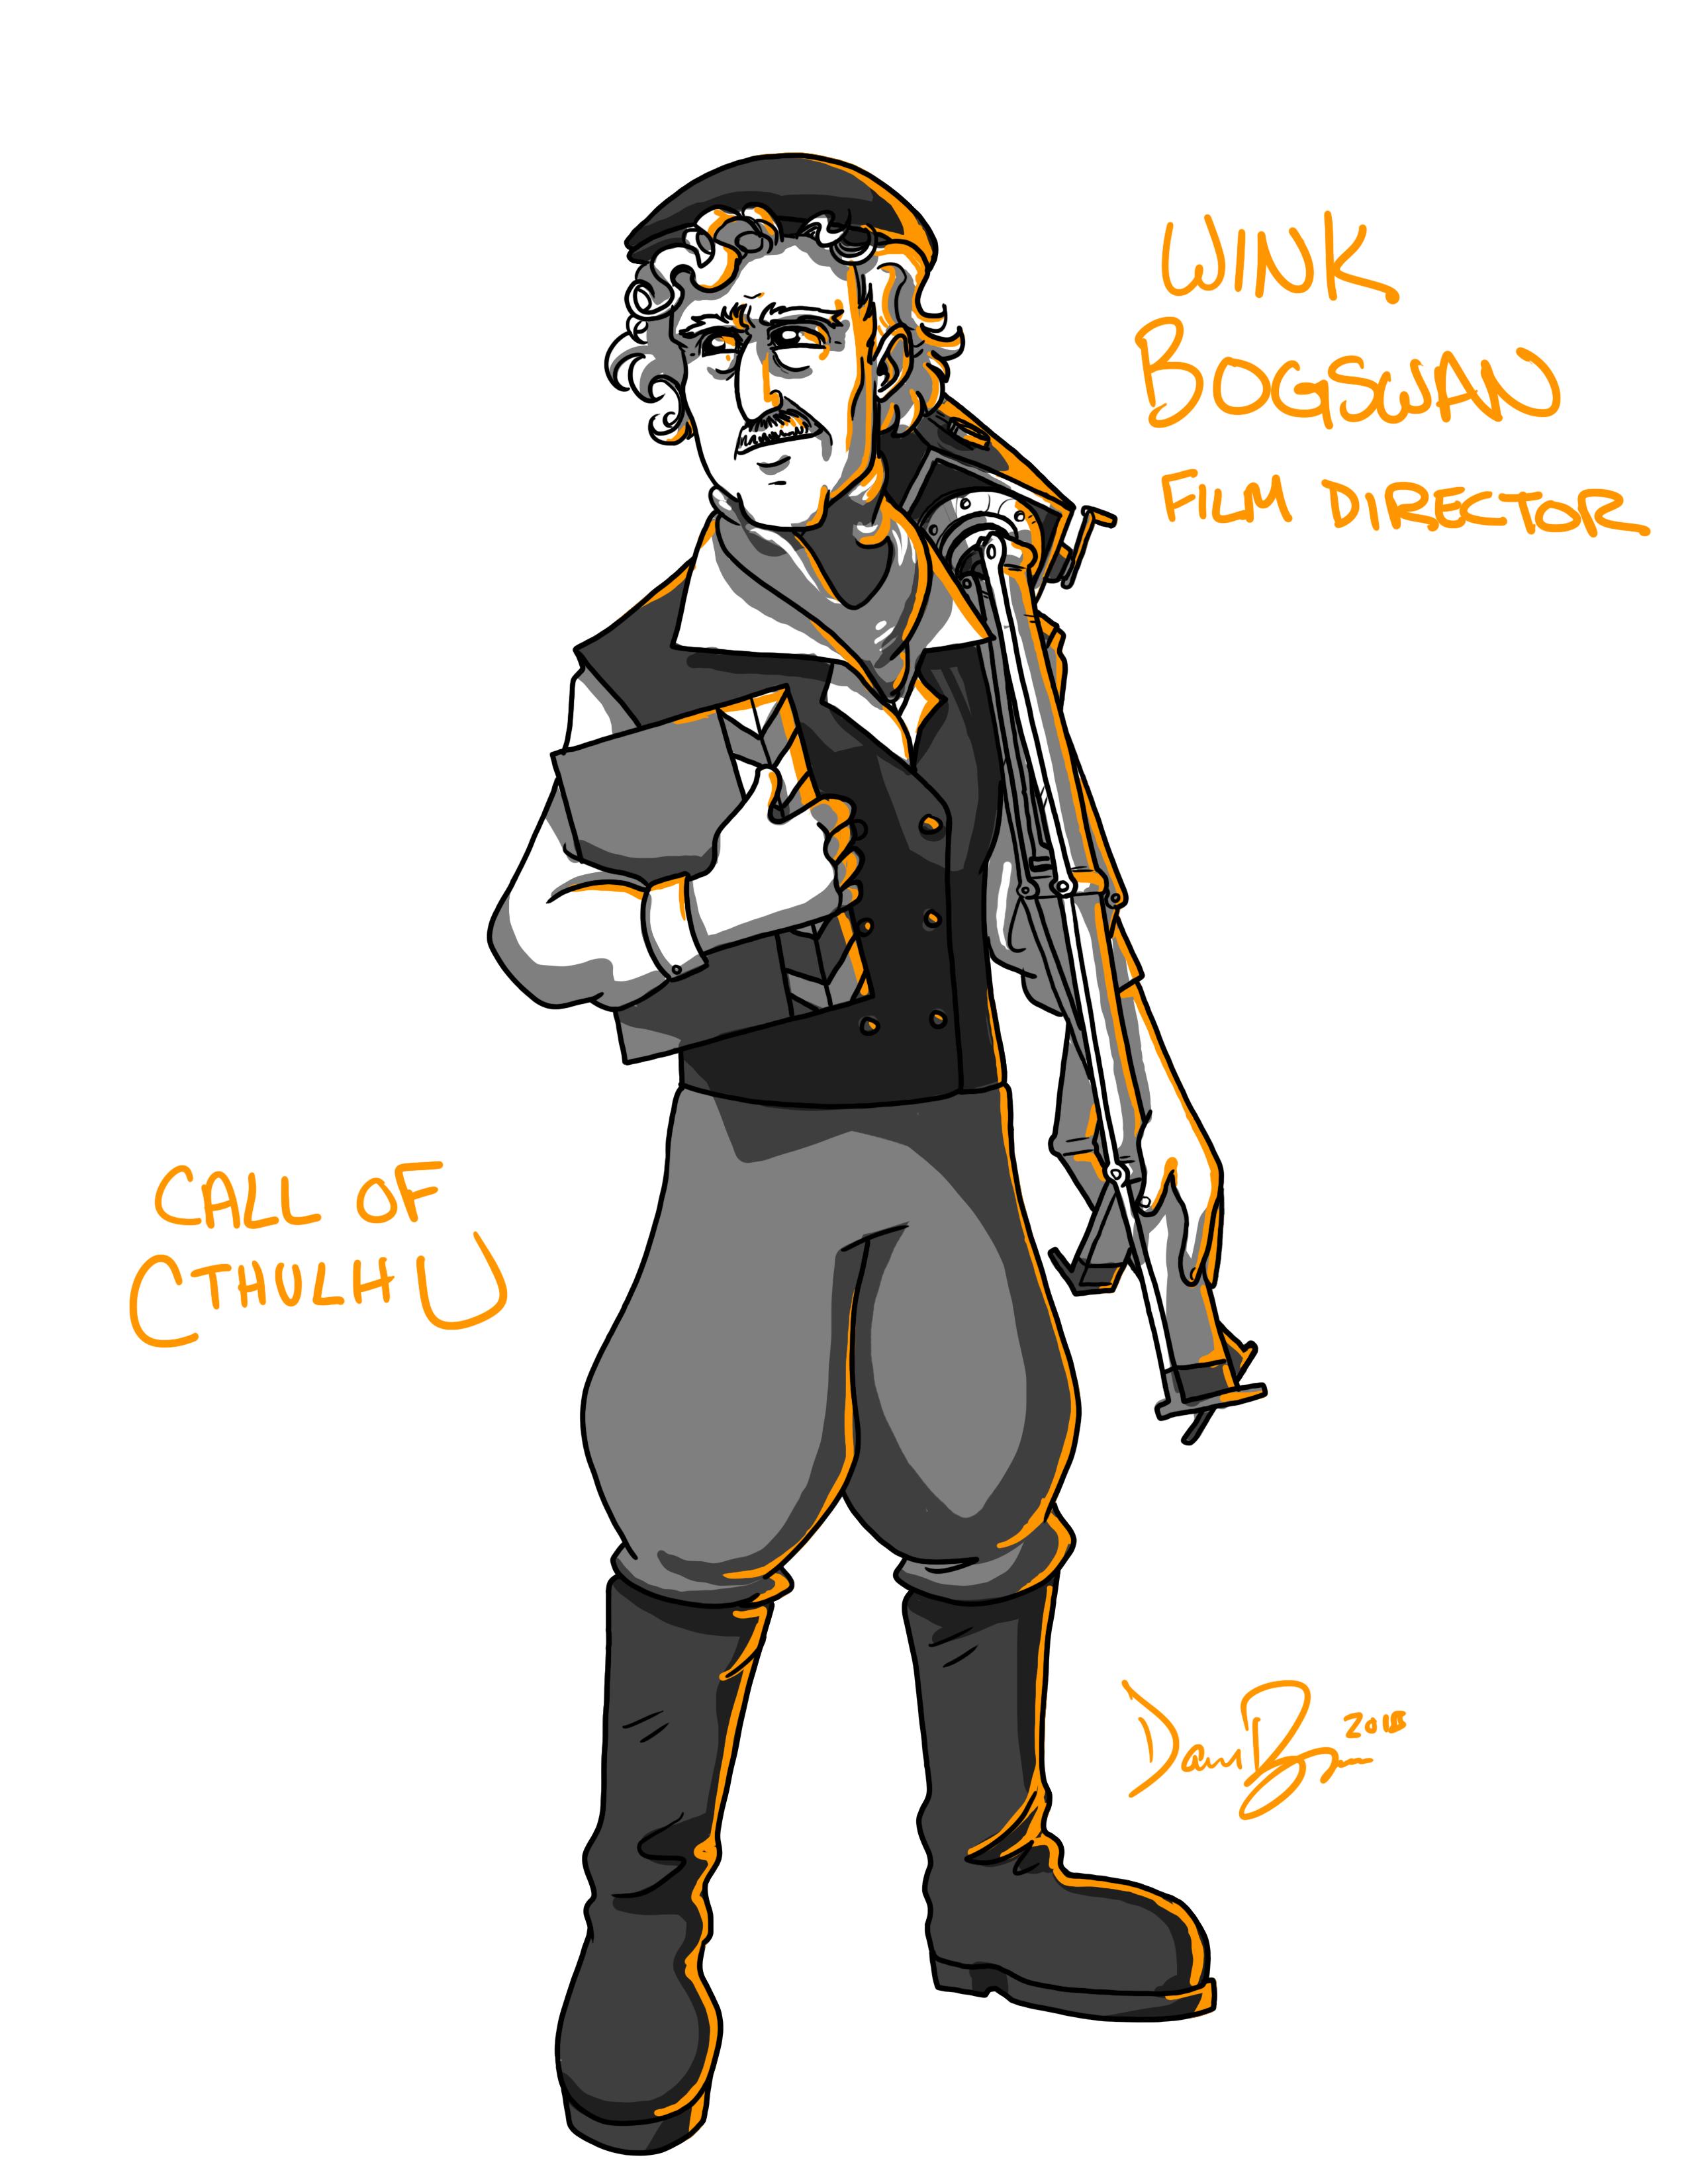 Character_WinkBogswan